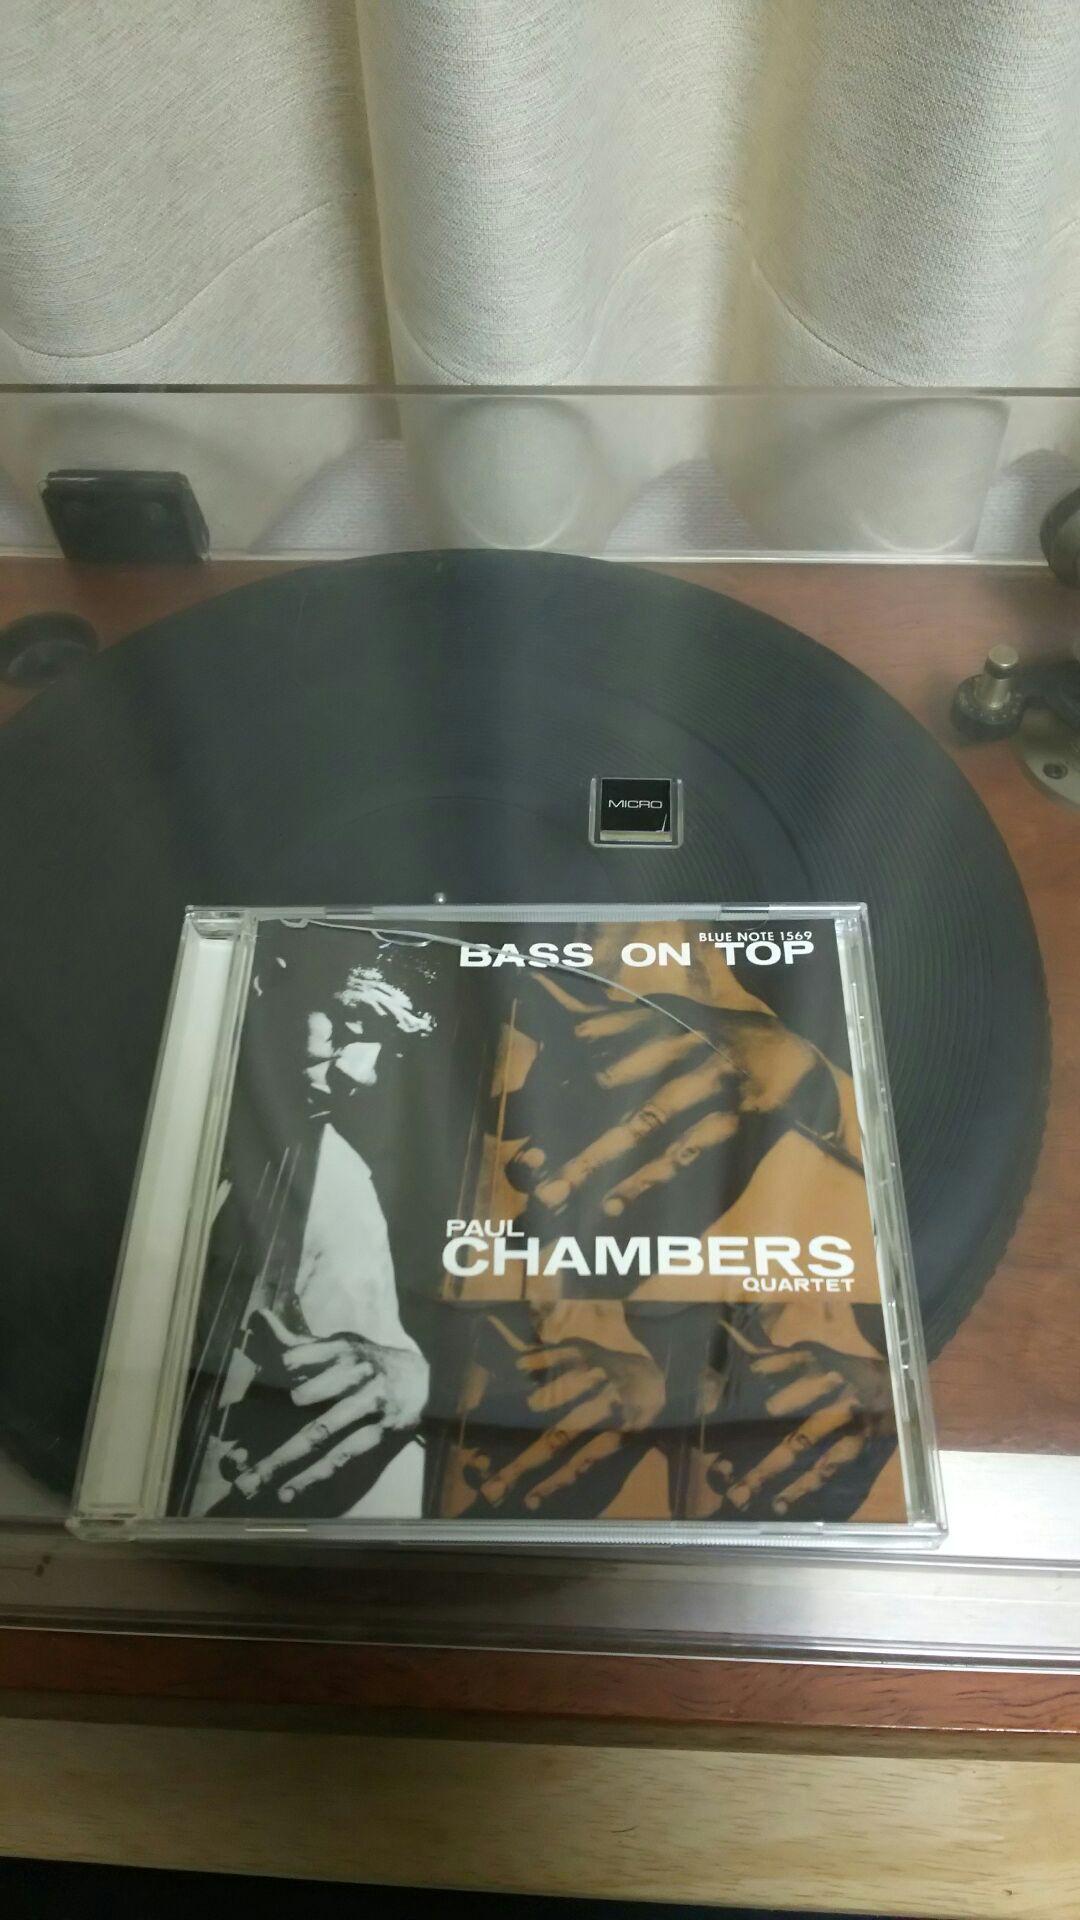 ポール・チェンバース『Bass on top』